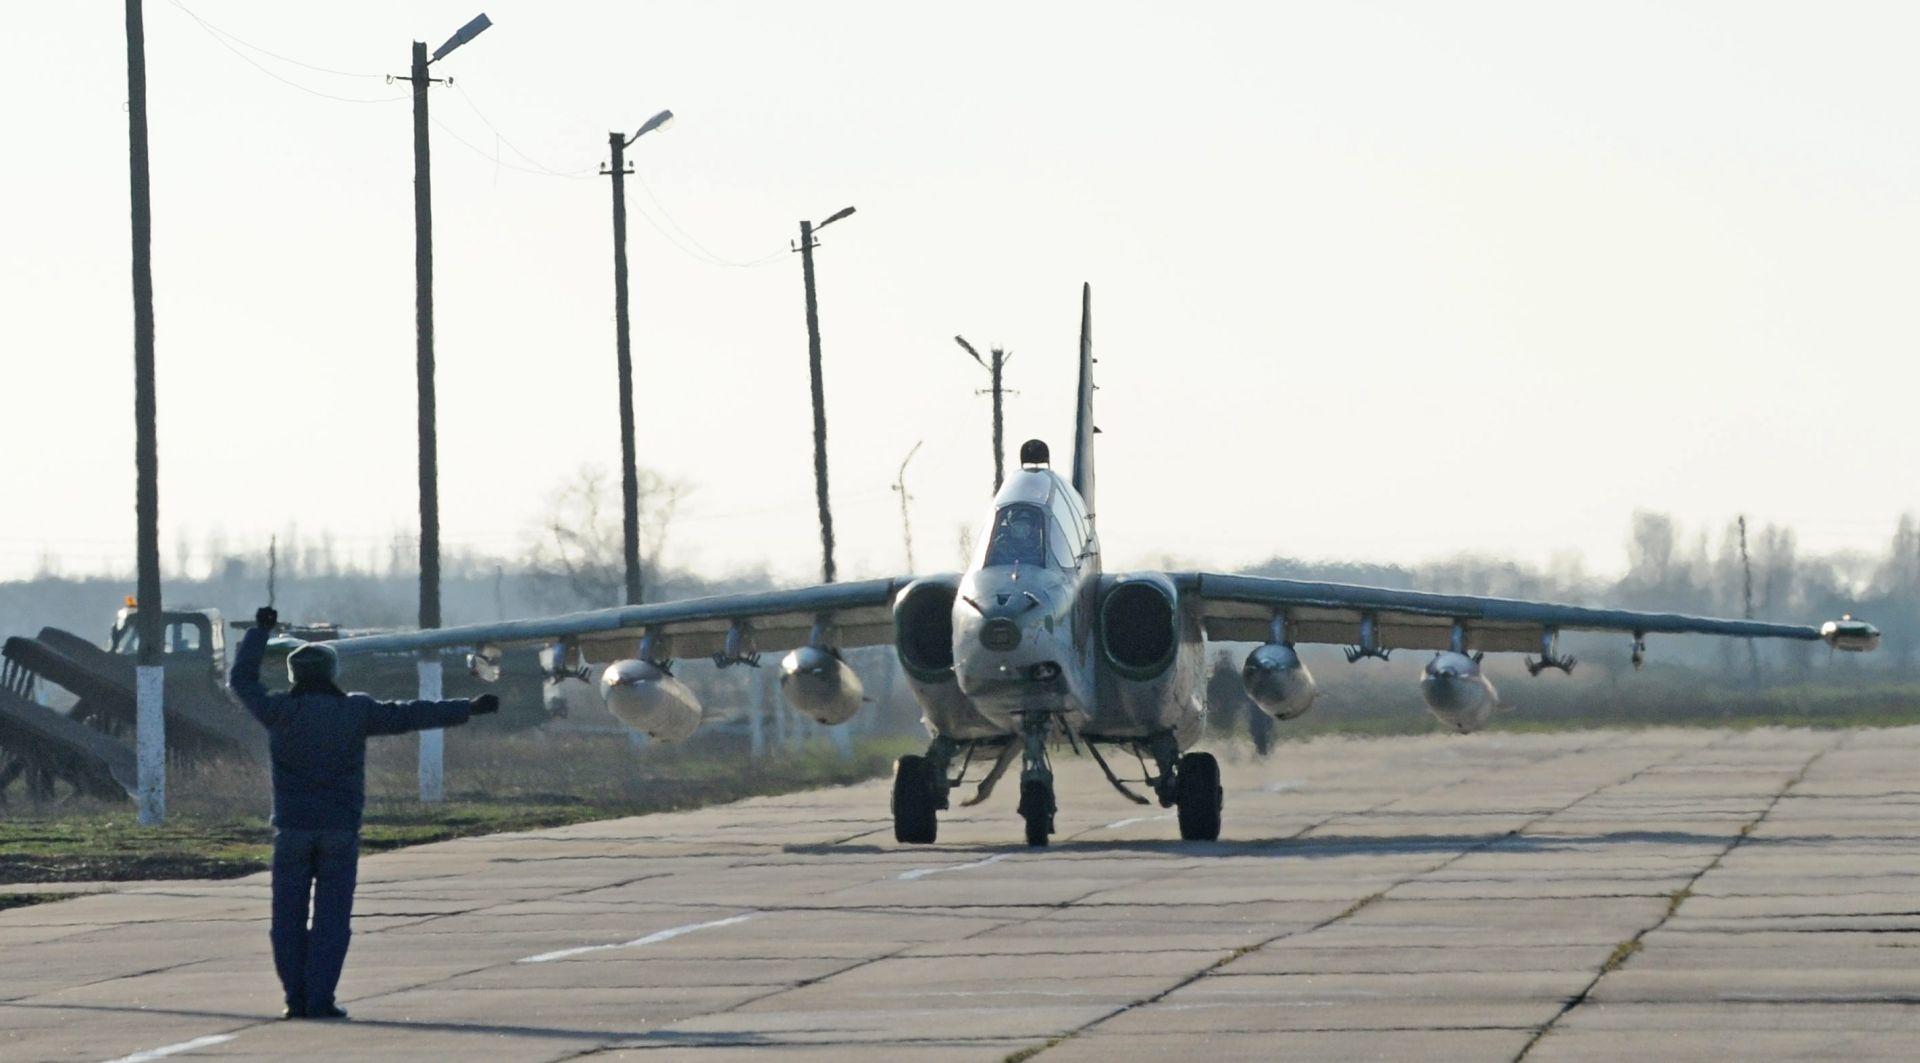 I DALJE UKLJUČENI U OPERACIJE: Ruska borbena moć u Siriji netaknuta